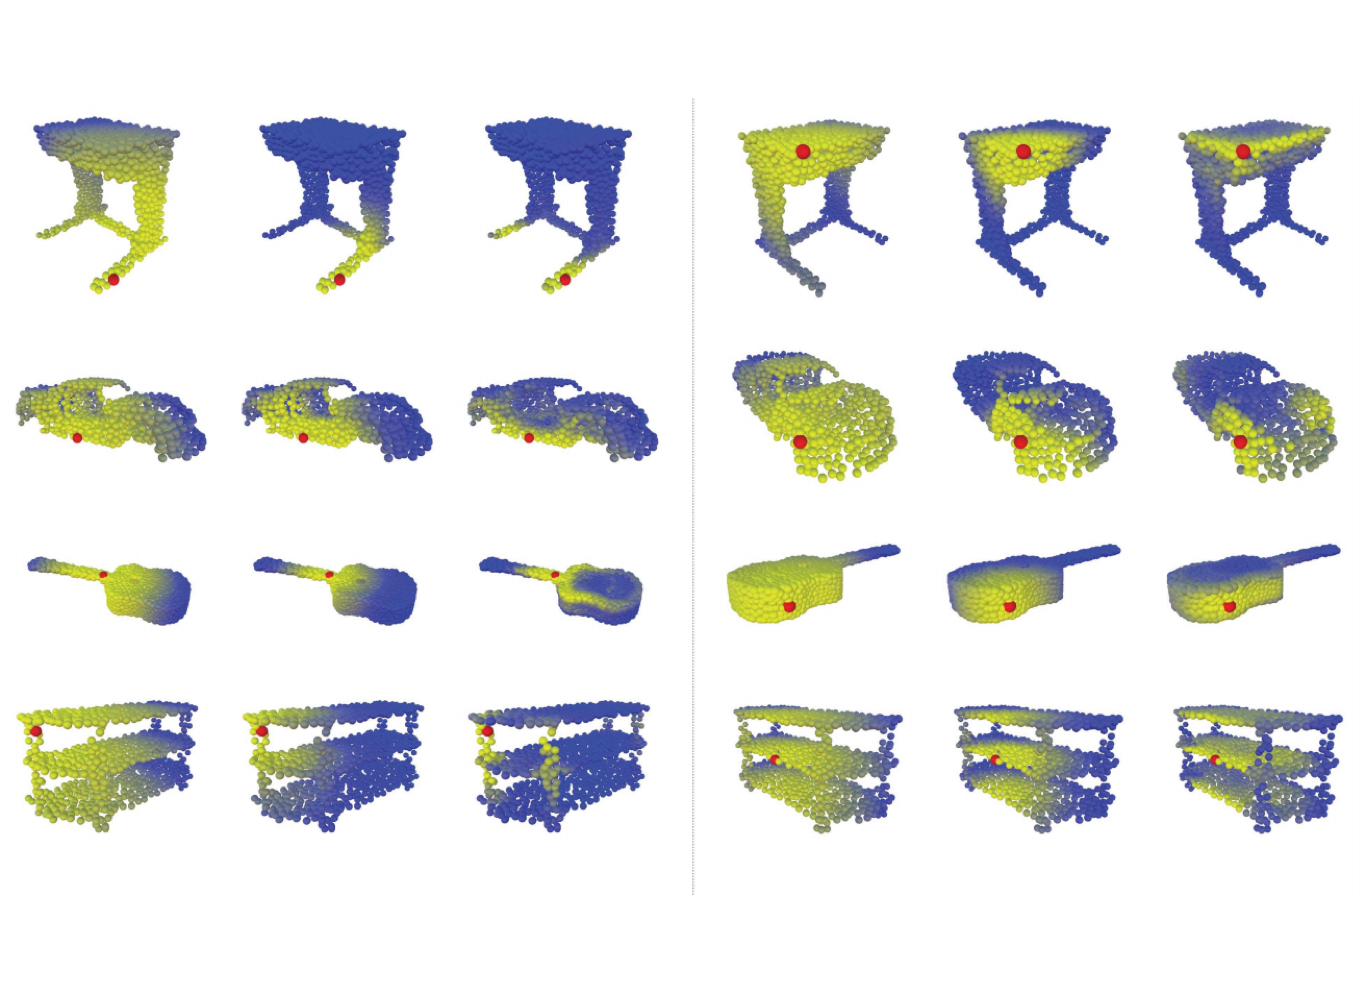 资源】万字长文资源之 3D-Machine-Learning | 极市高质量视觉算法开发者社区